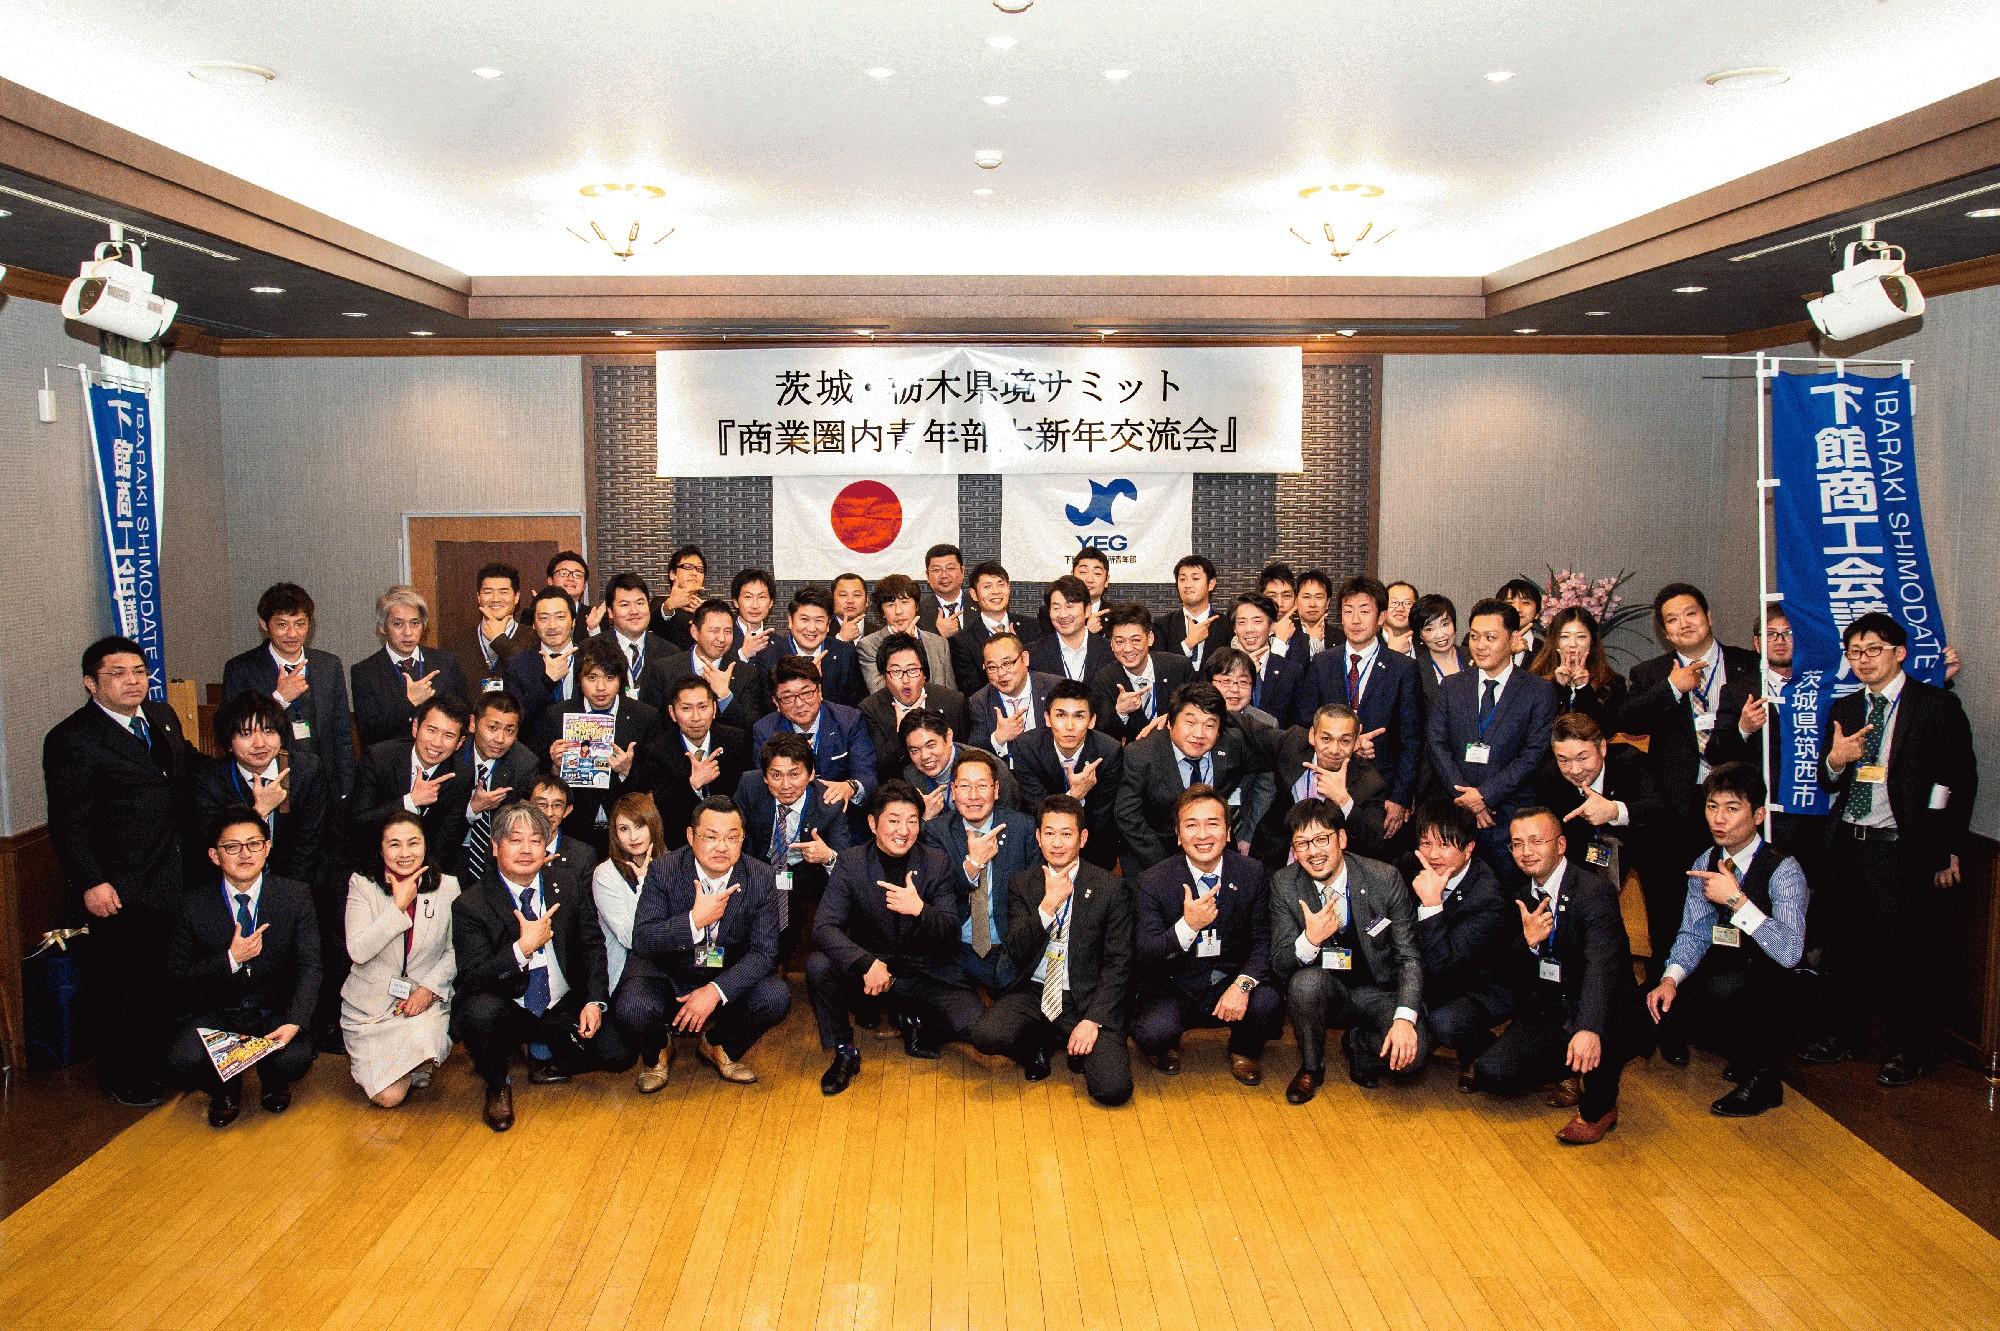 茨城・栃木県境サミット『商業圏内青年部大新年交流会』 in 下館に参加しました